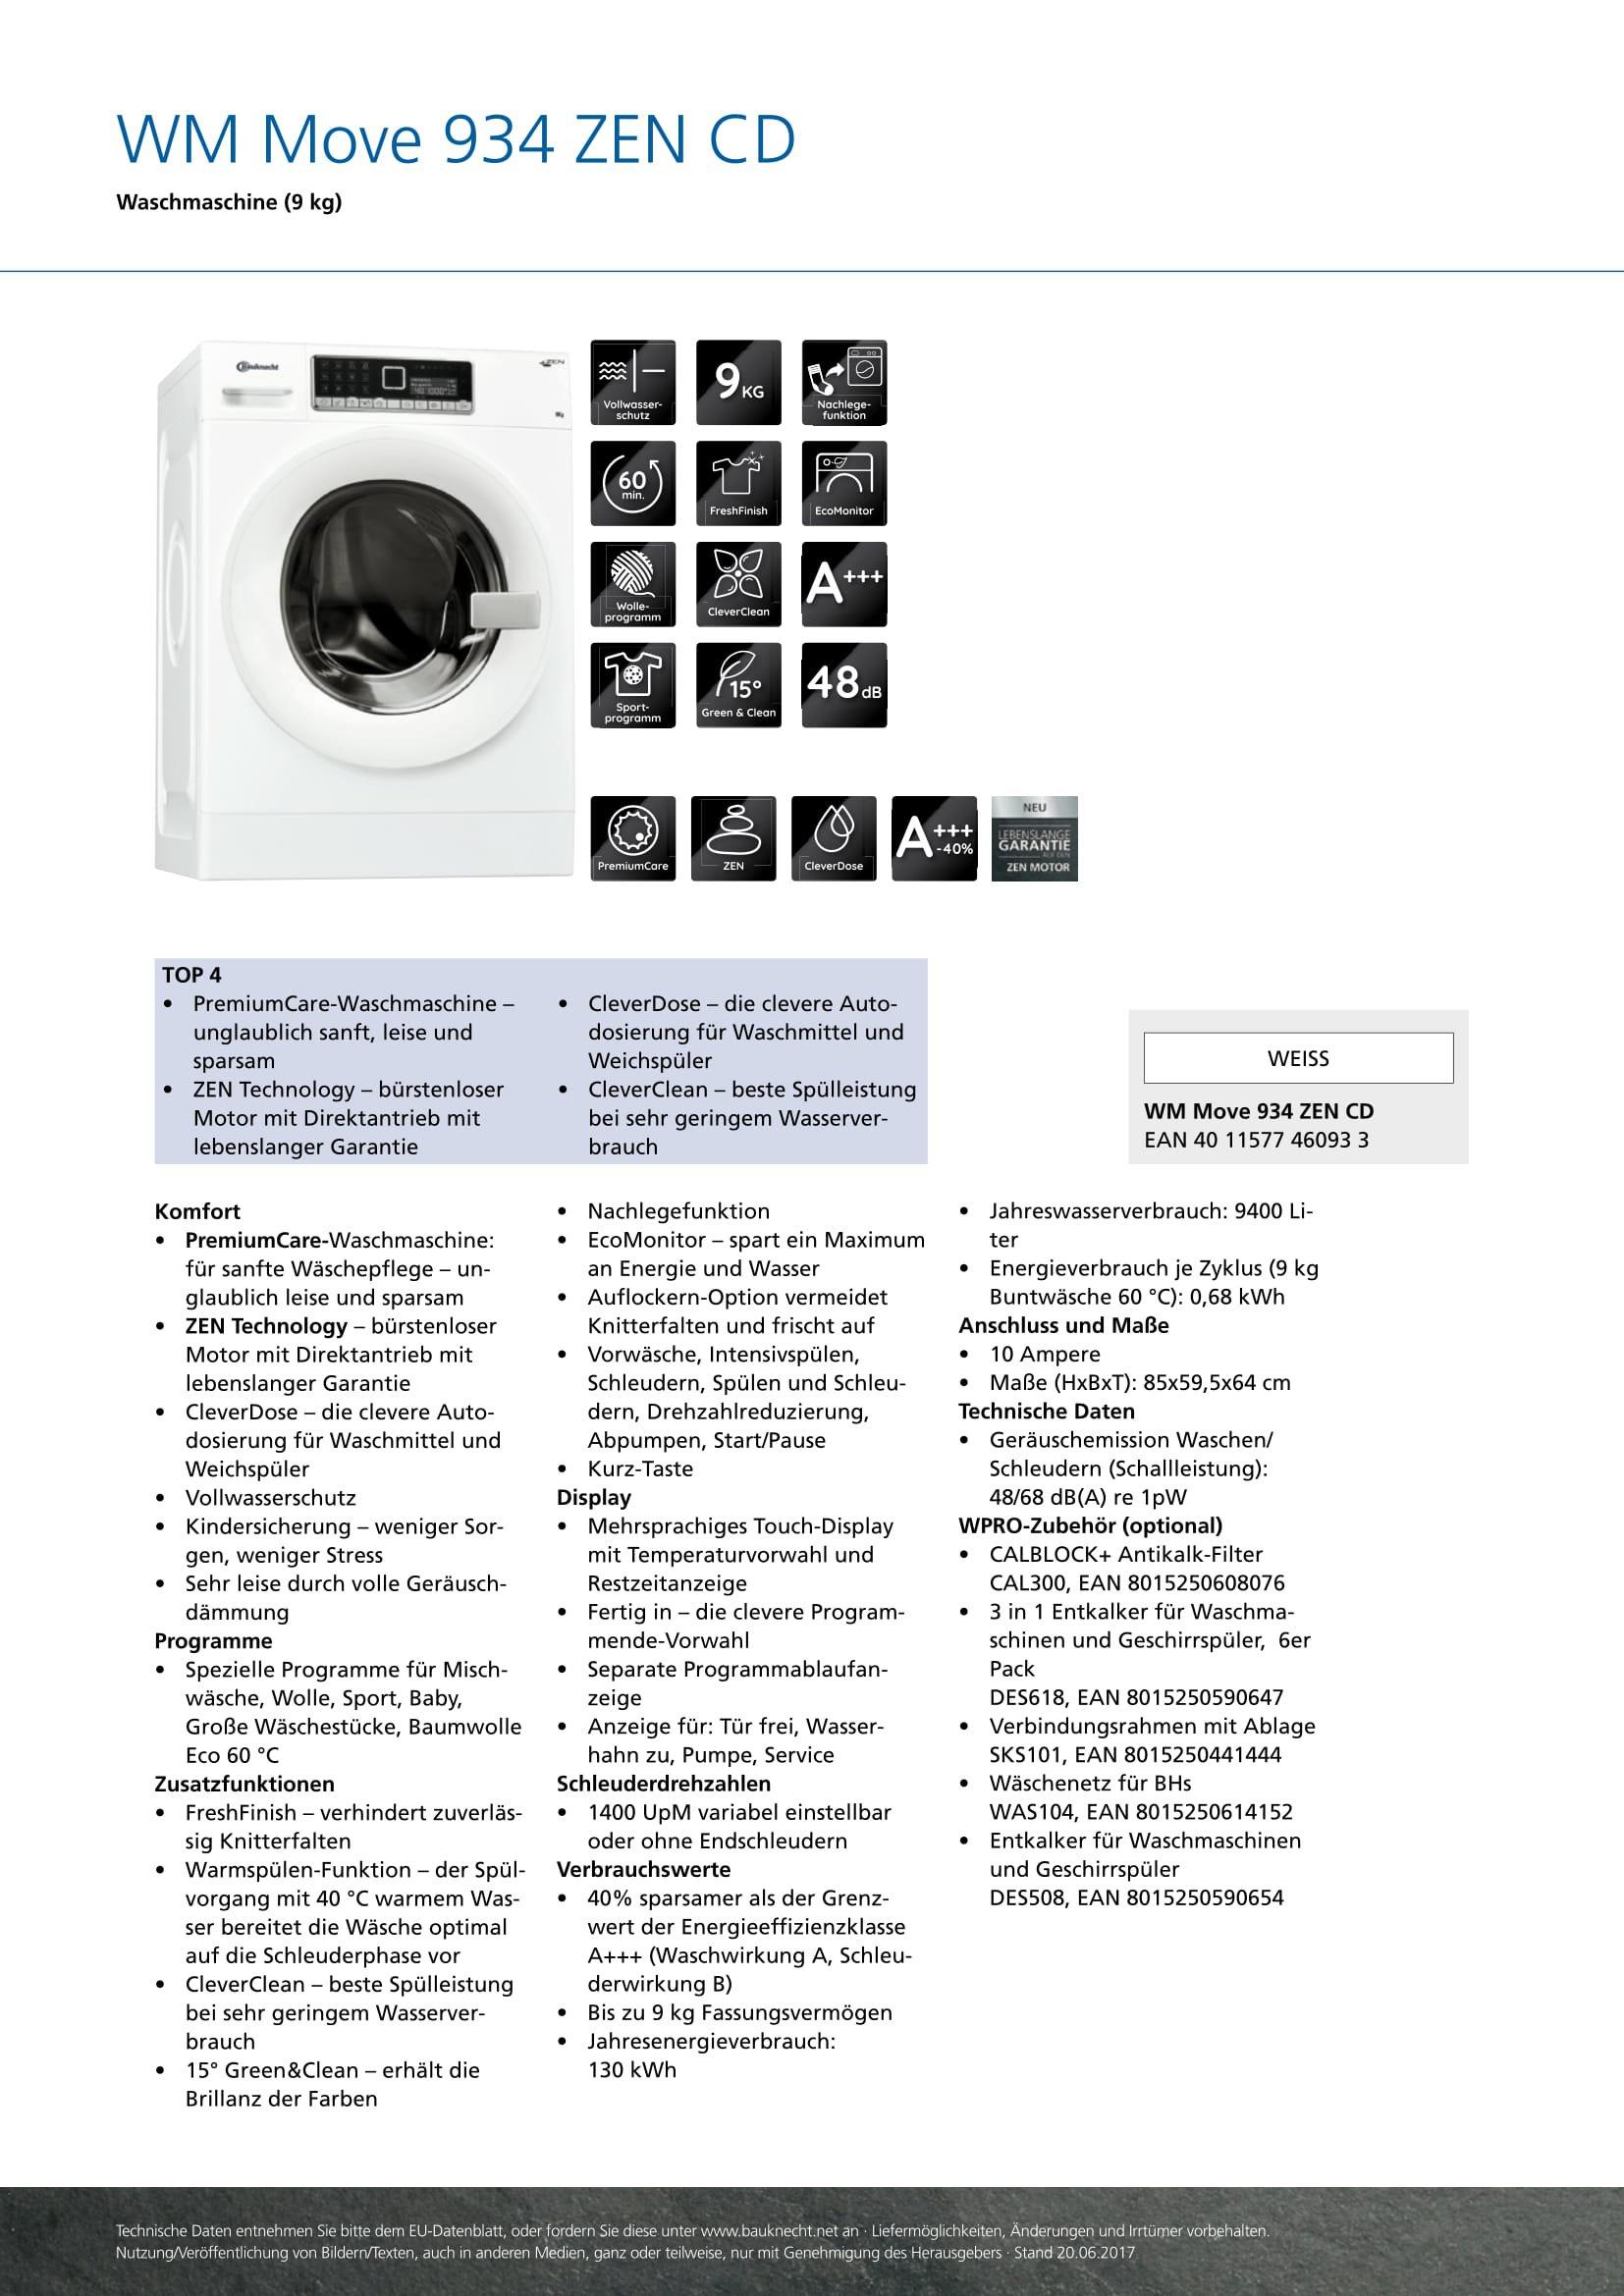 Bauknecht-WM-Move-934-ZEN-CD-A-9-kg-ZEN-Technologie-CleverDose-CleverClean-wei